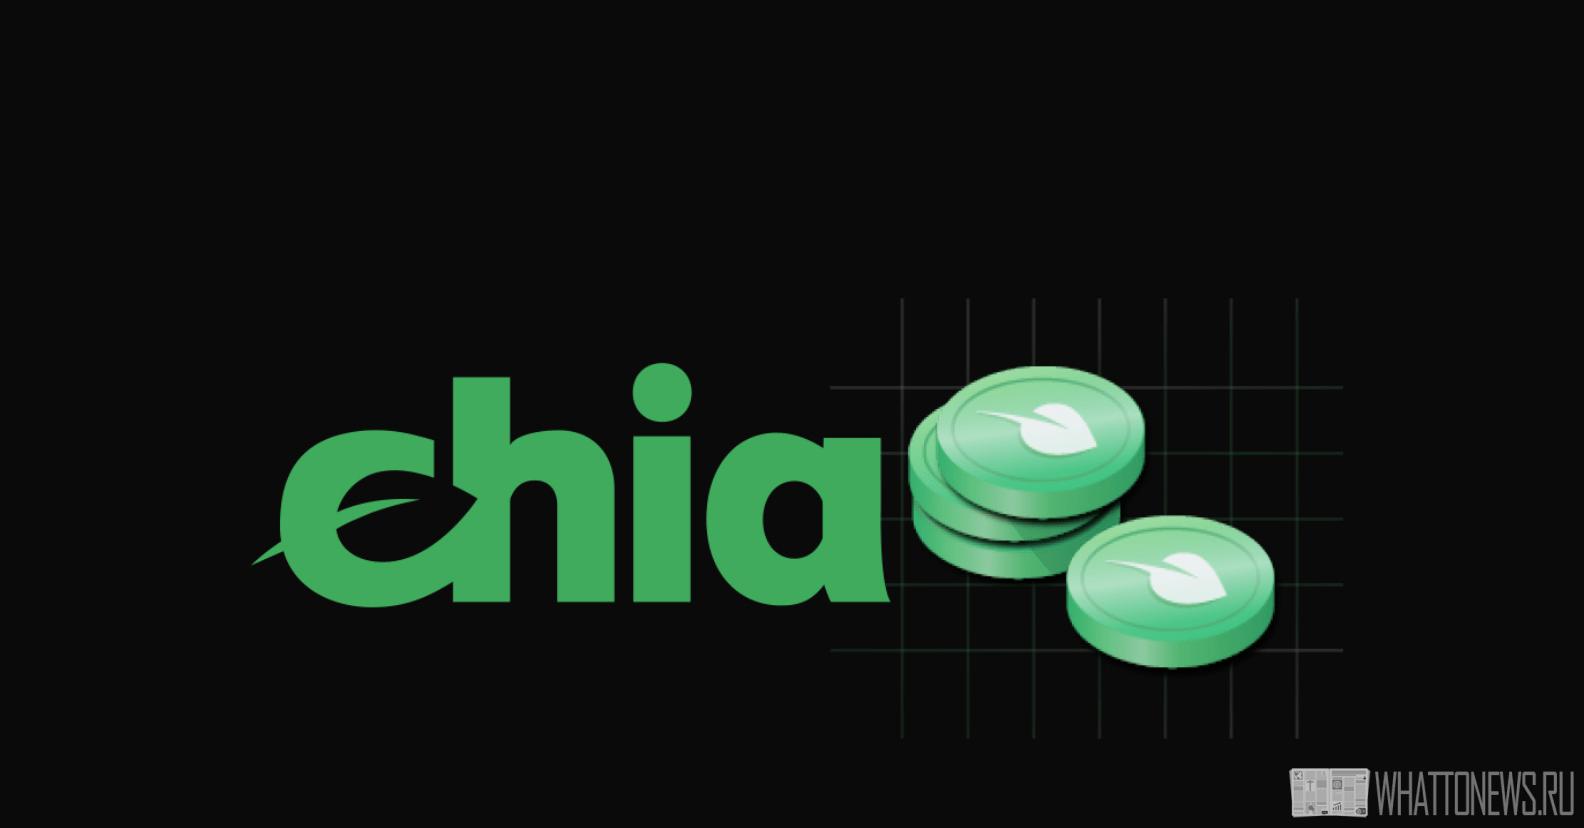 Криптовалюта Chia Network: в чем суть проекта, перспективы и майнинг XCH